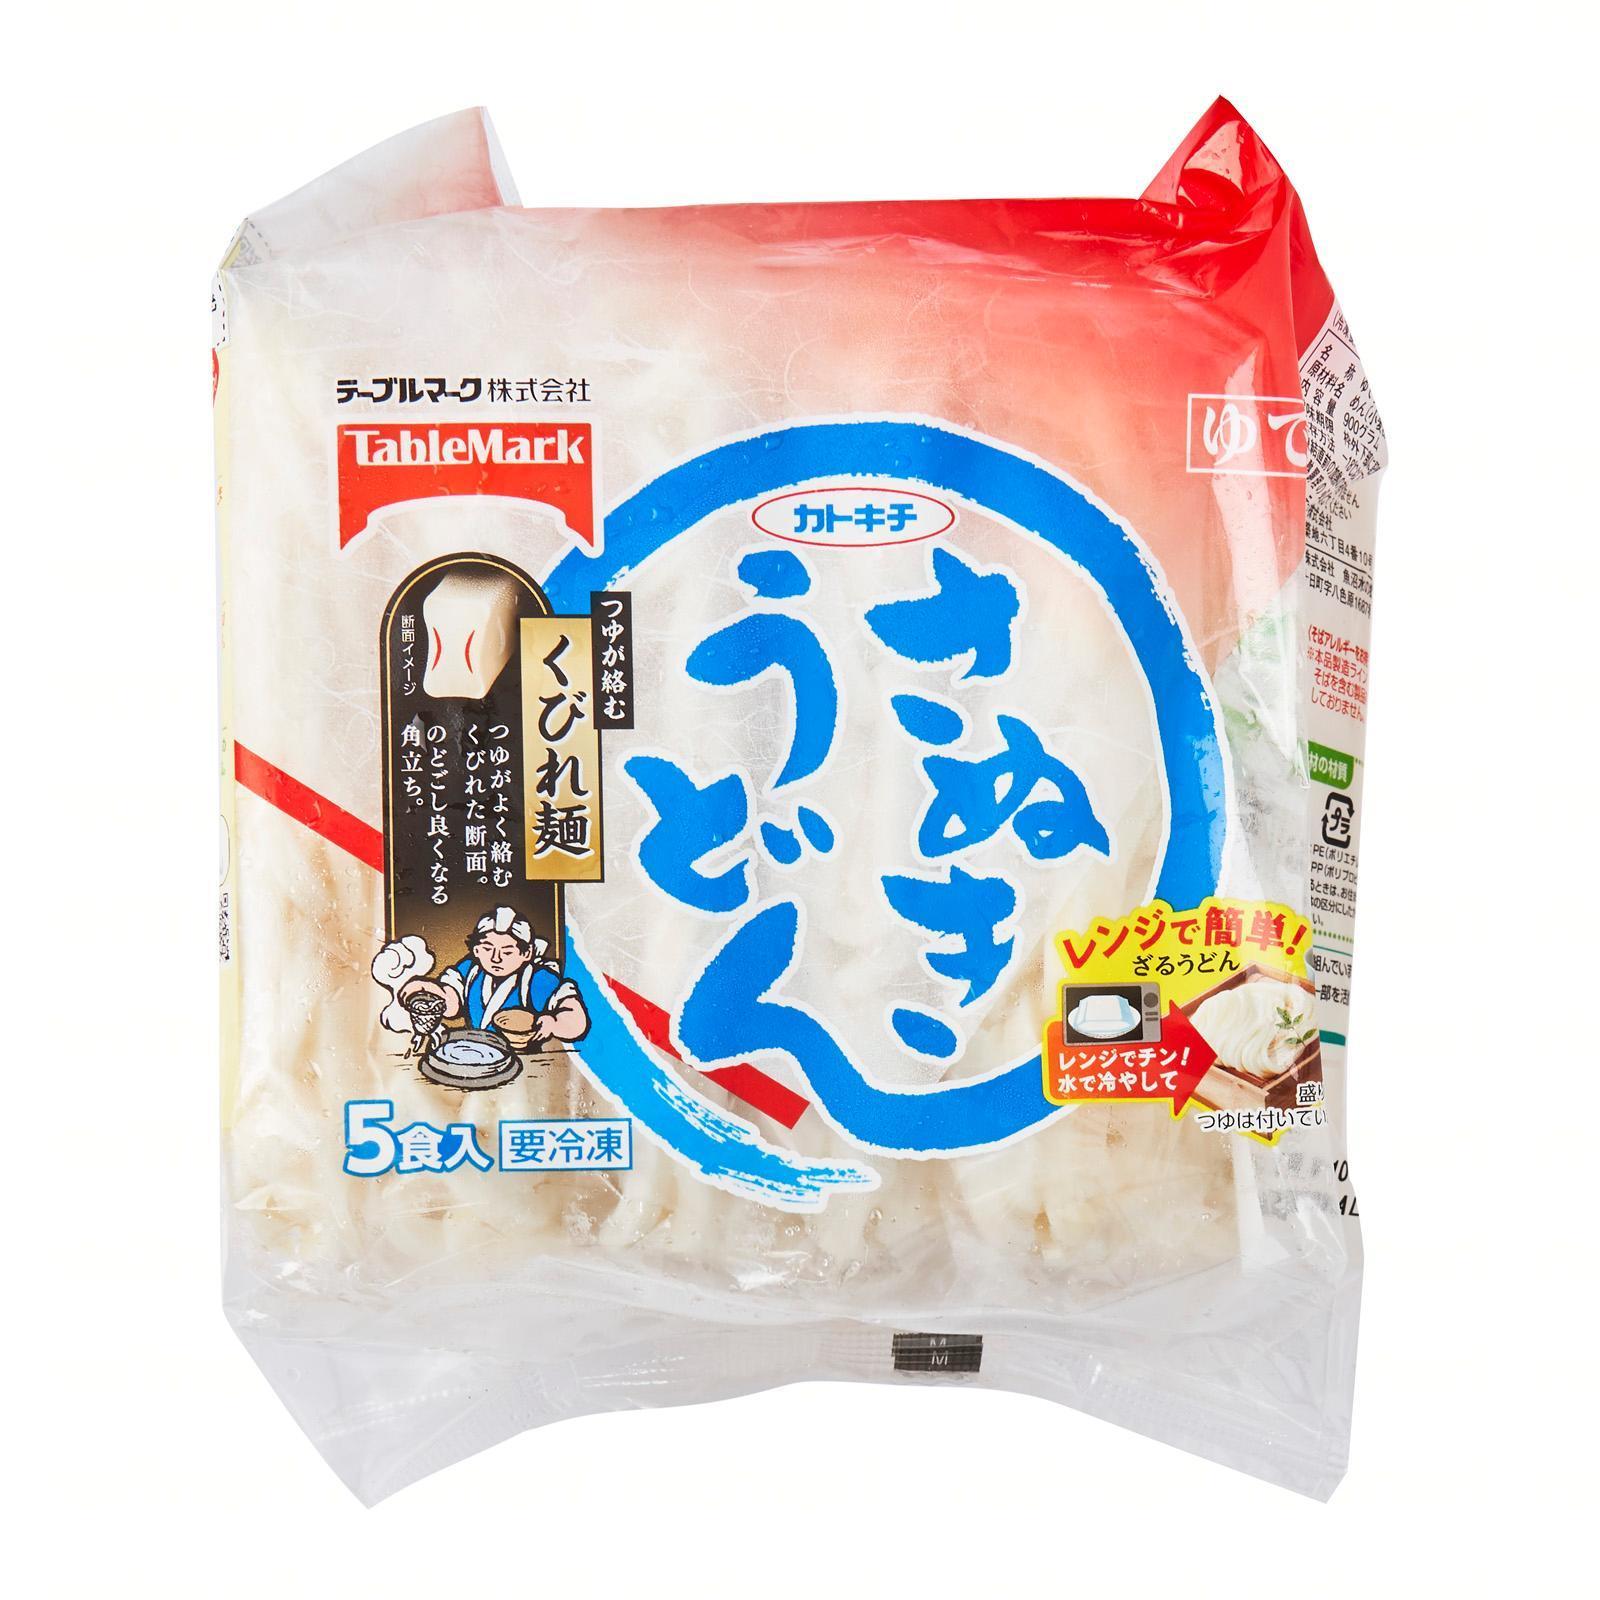 Table Mark Katokichi Sanuku Udon Japanese Udon Noodle - by J-mart Japanese Food Market - Frozen